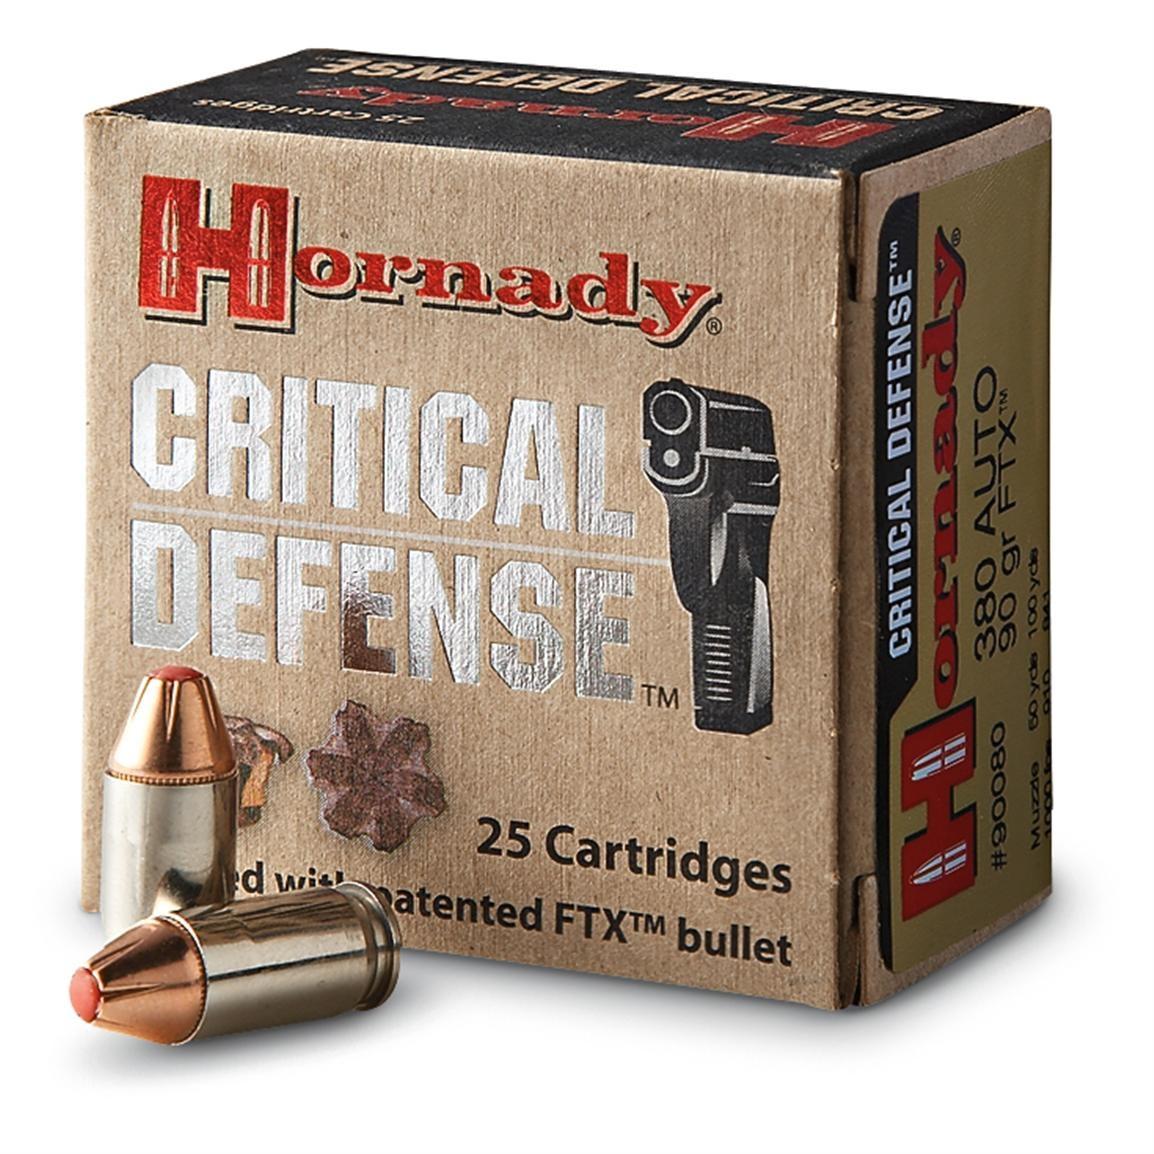 Hornady Critical Defense 380 ACP, 90 GR FTX, Box of 25